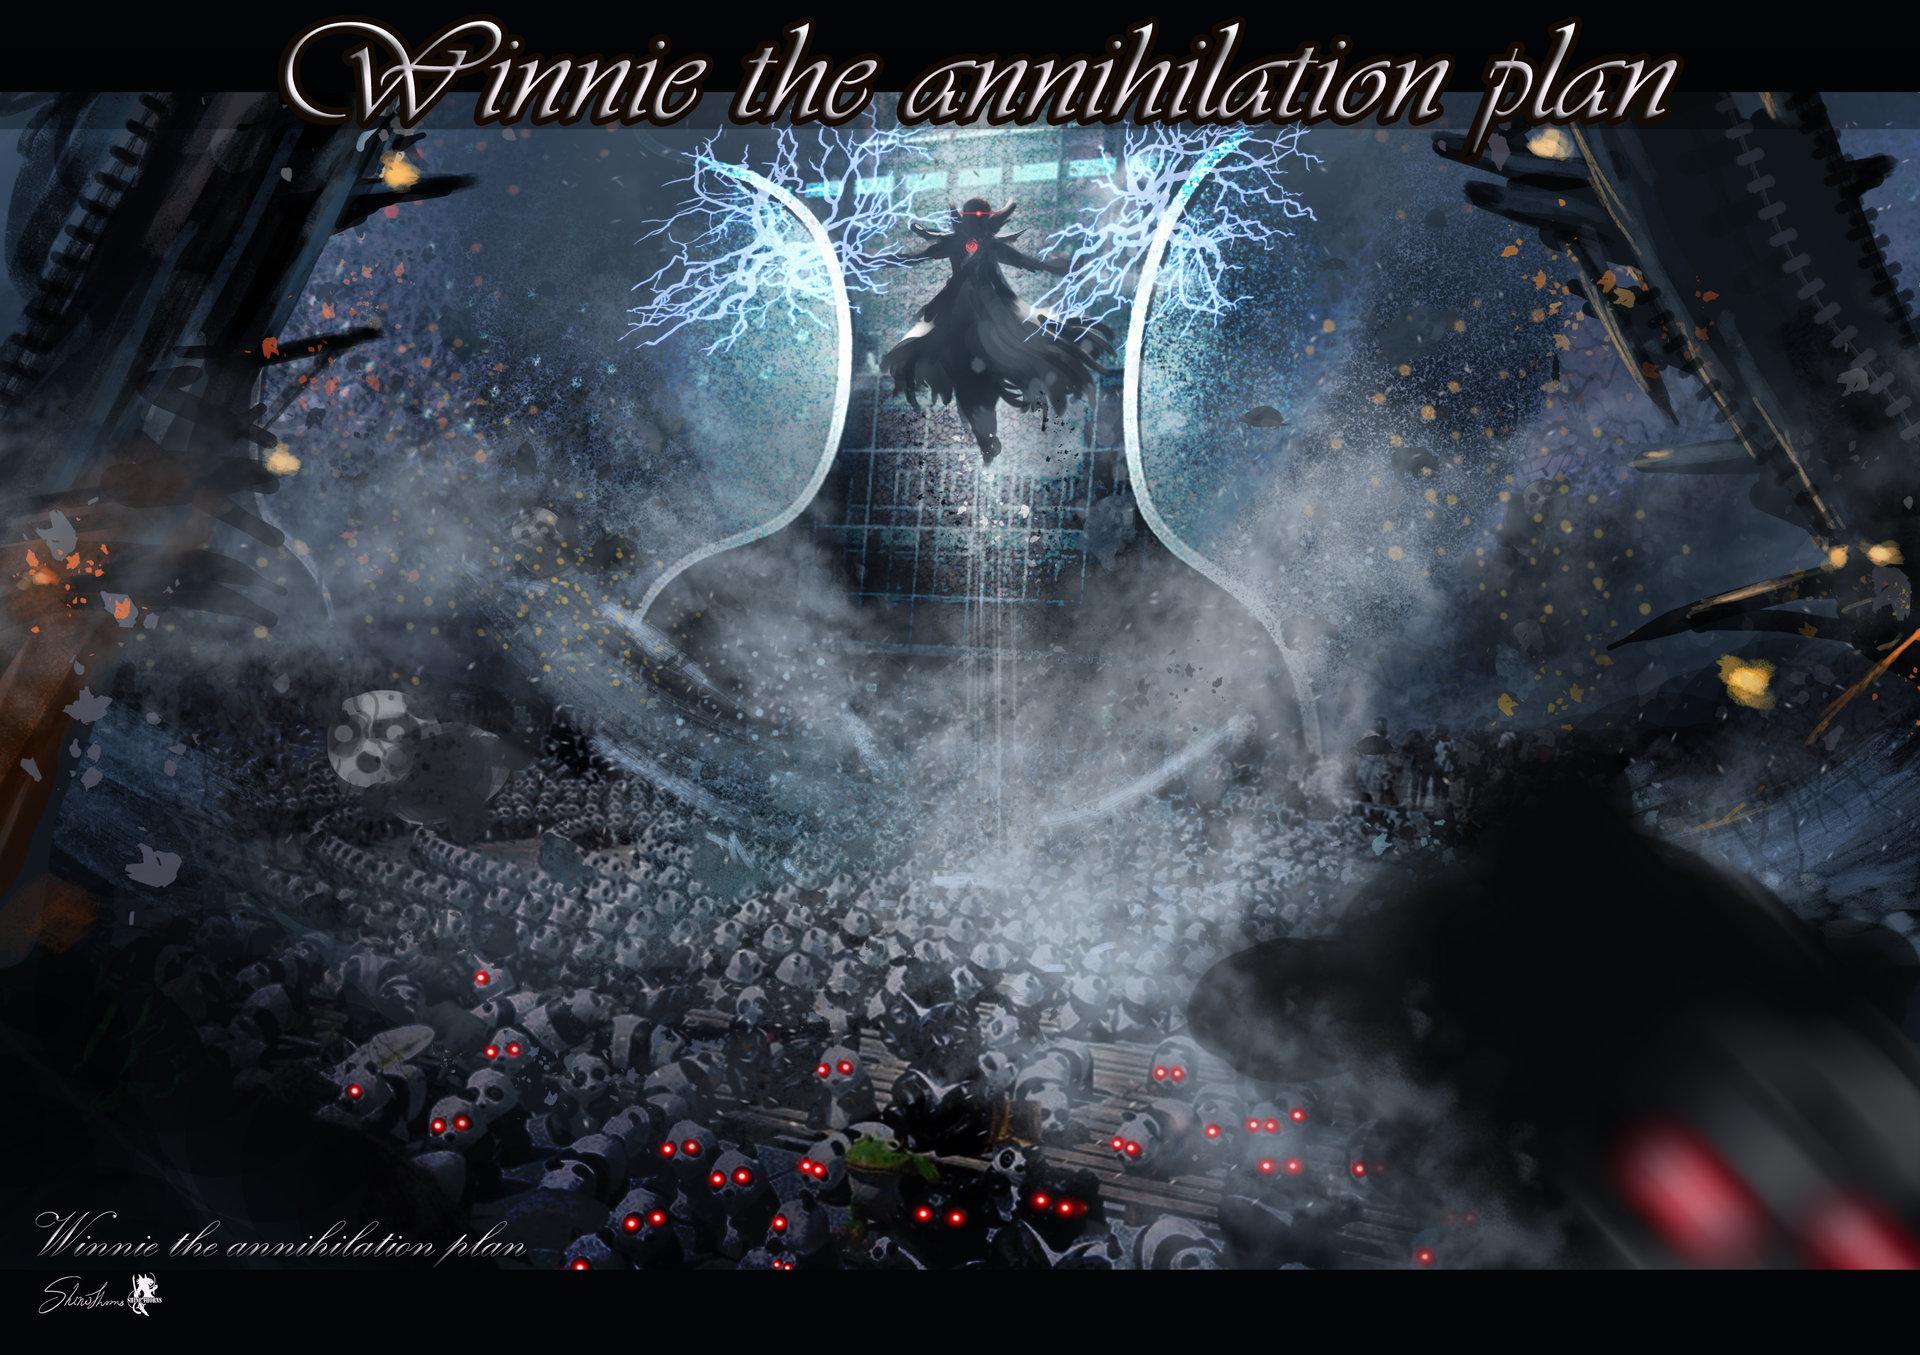 Winnie the annihilation plan